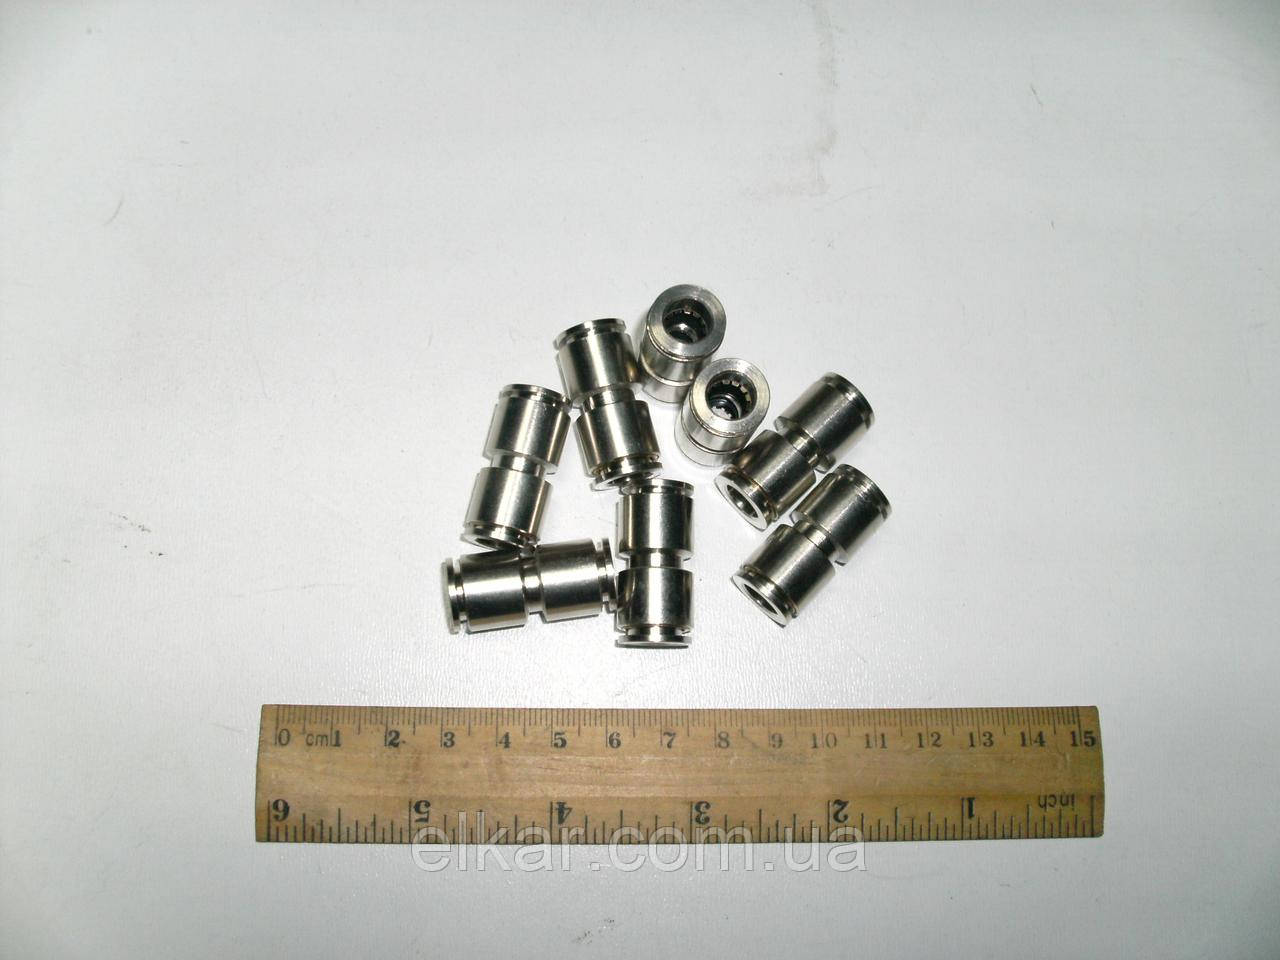 З'єднання єднувач аварійний пневматичний прямий Ø 8 мм (латунь) DT 9.85908 (вир-во Туреччина)